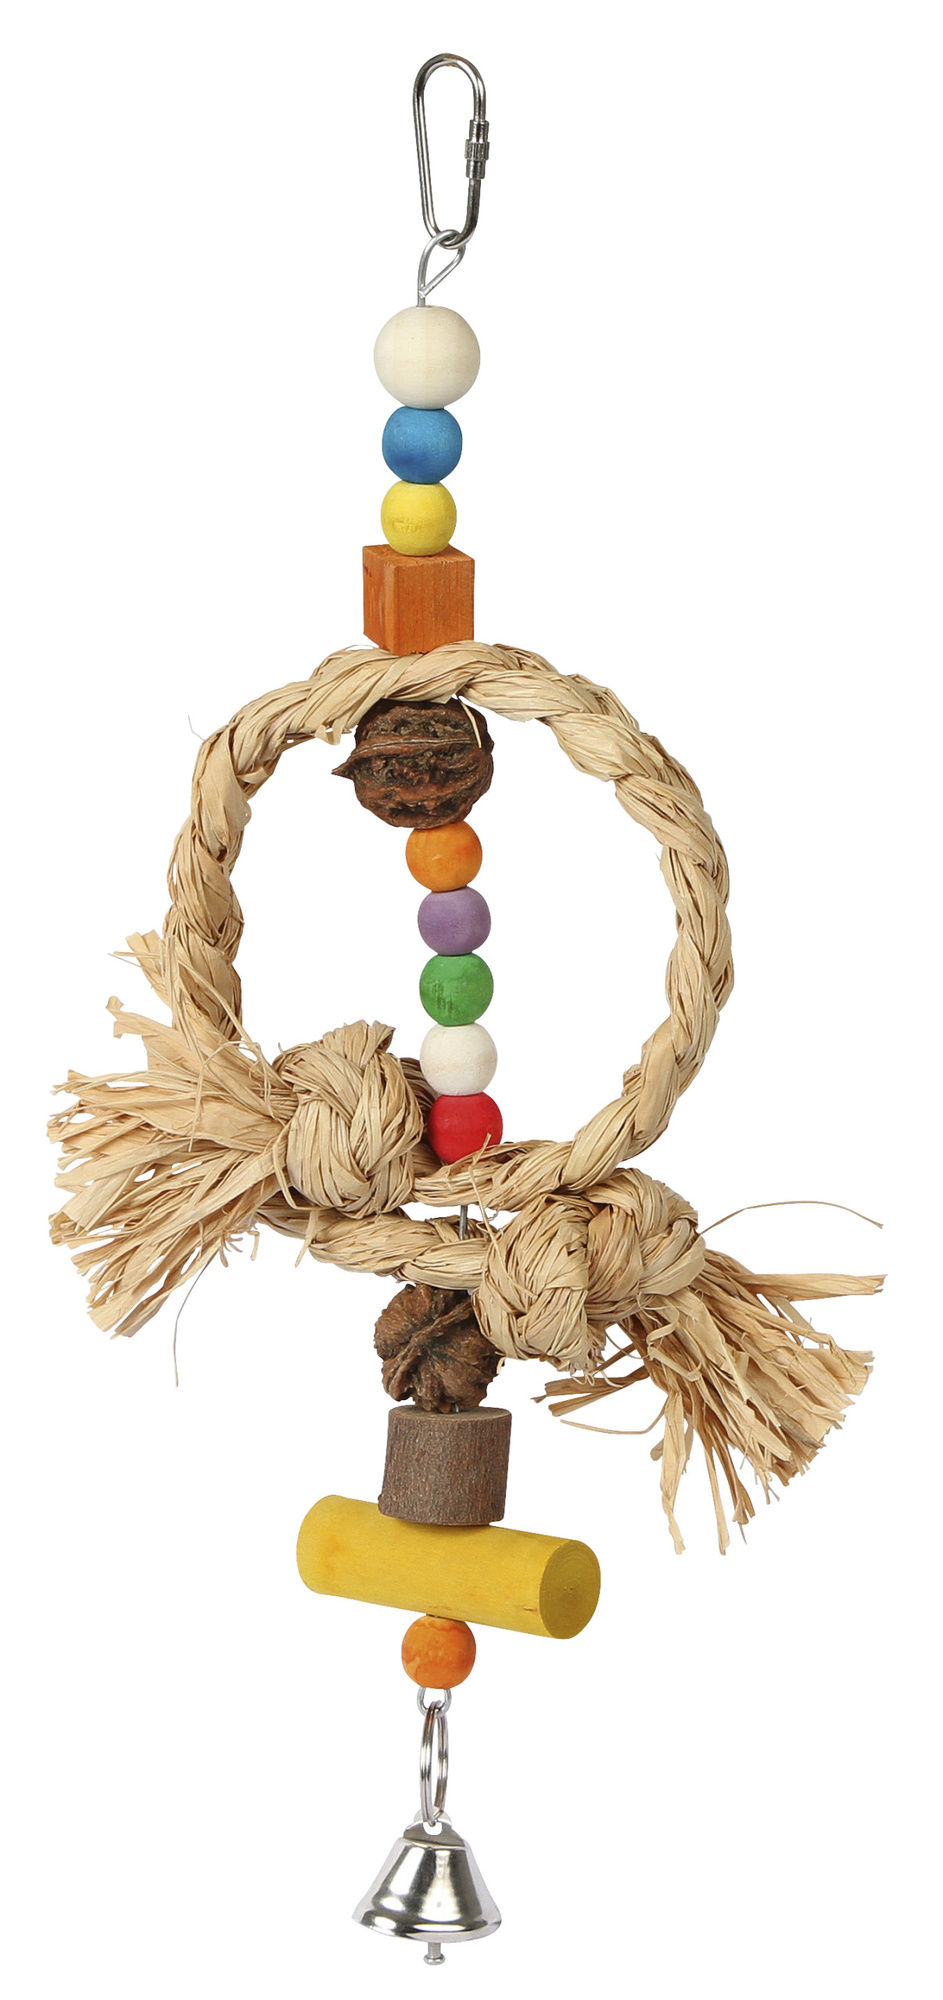 Vogelspielzeug Nature mit Glocke u. Bast, Höhe 36 cm